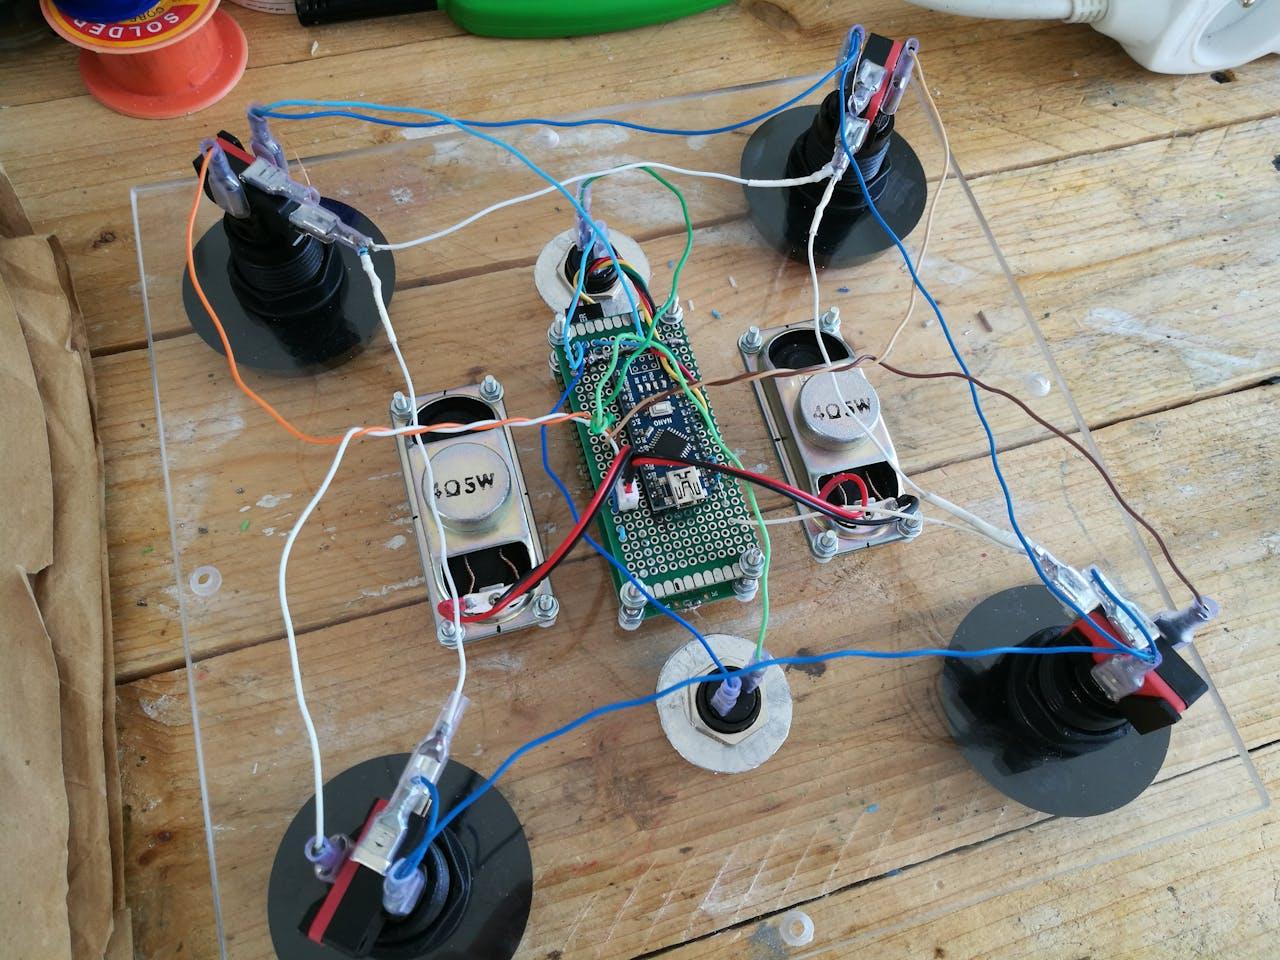 Arduino Arcade Lego Games Box Segway Wiring Diagram